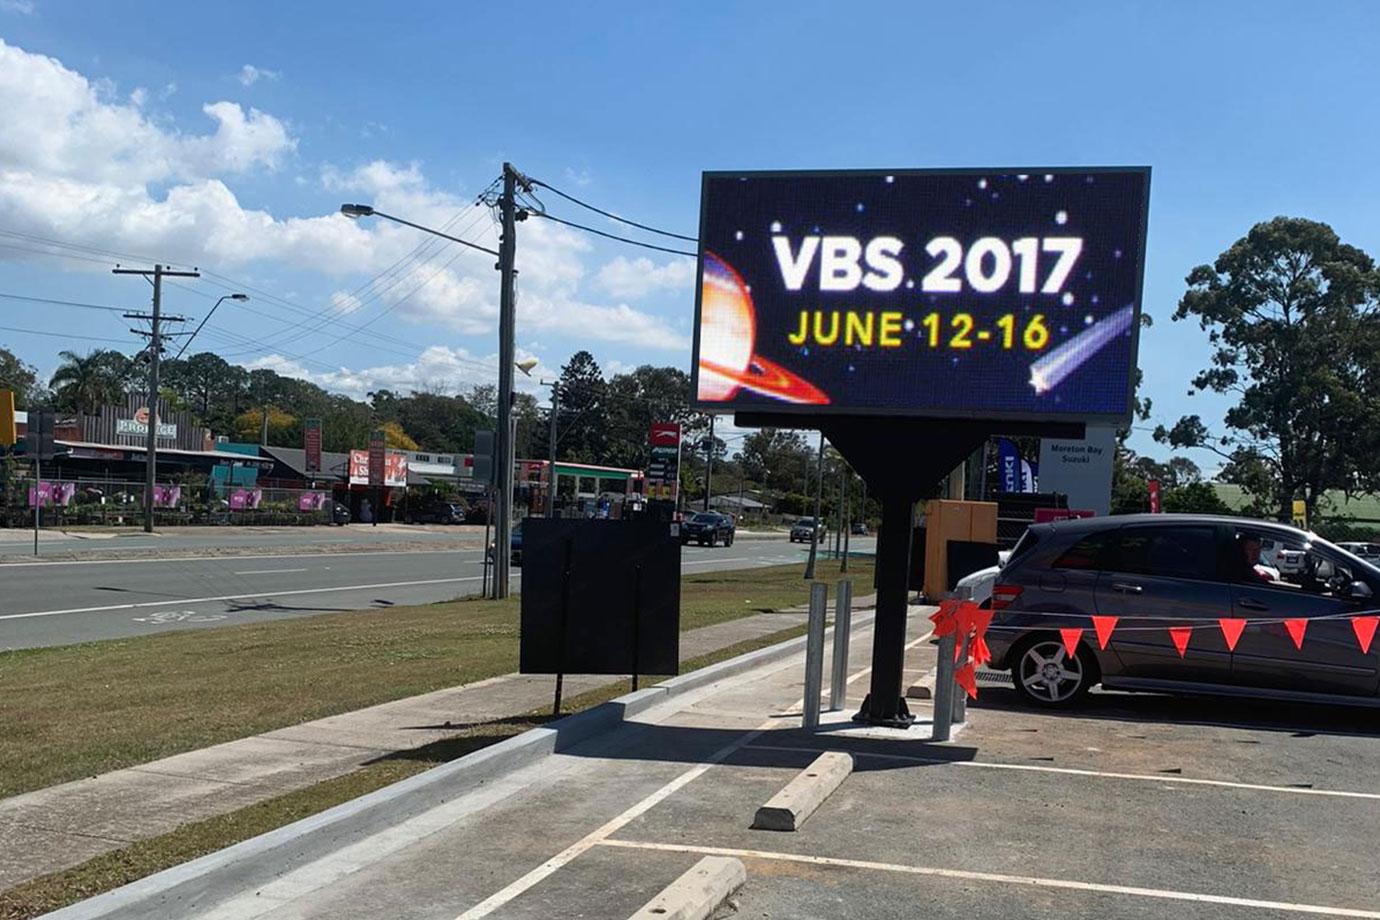 Mars P6 LED Billboard Display